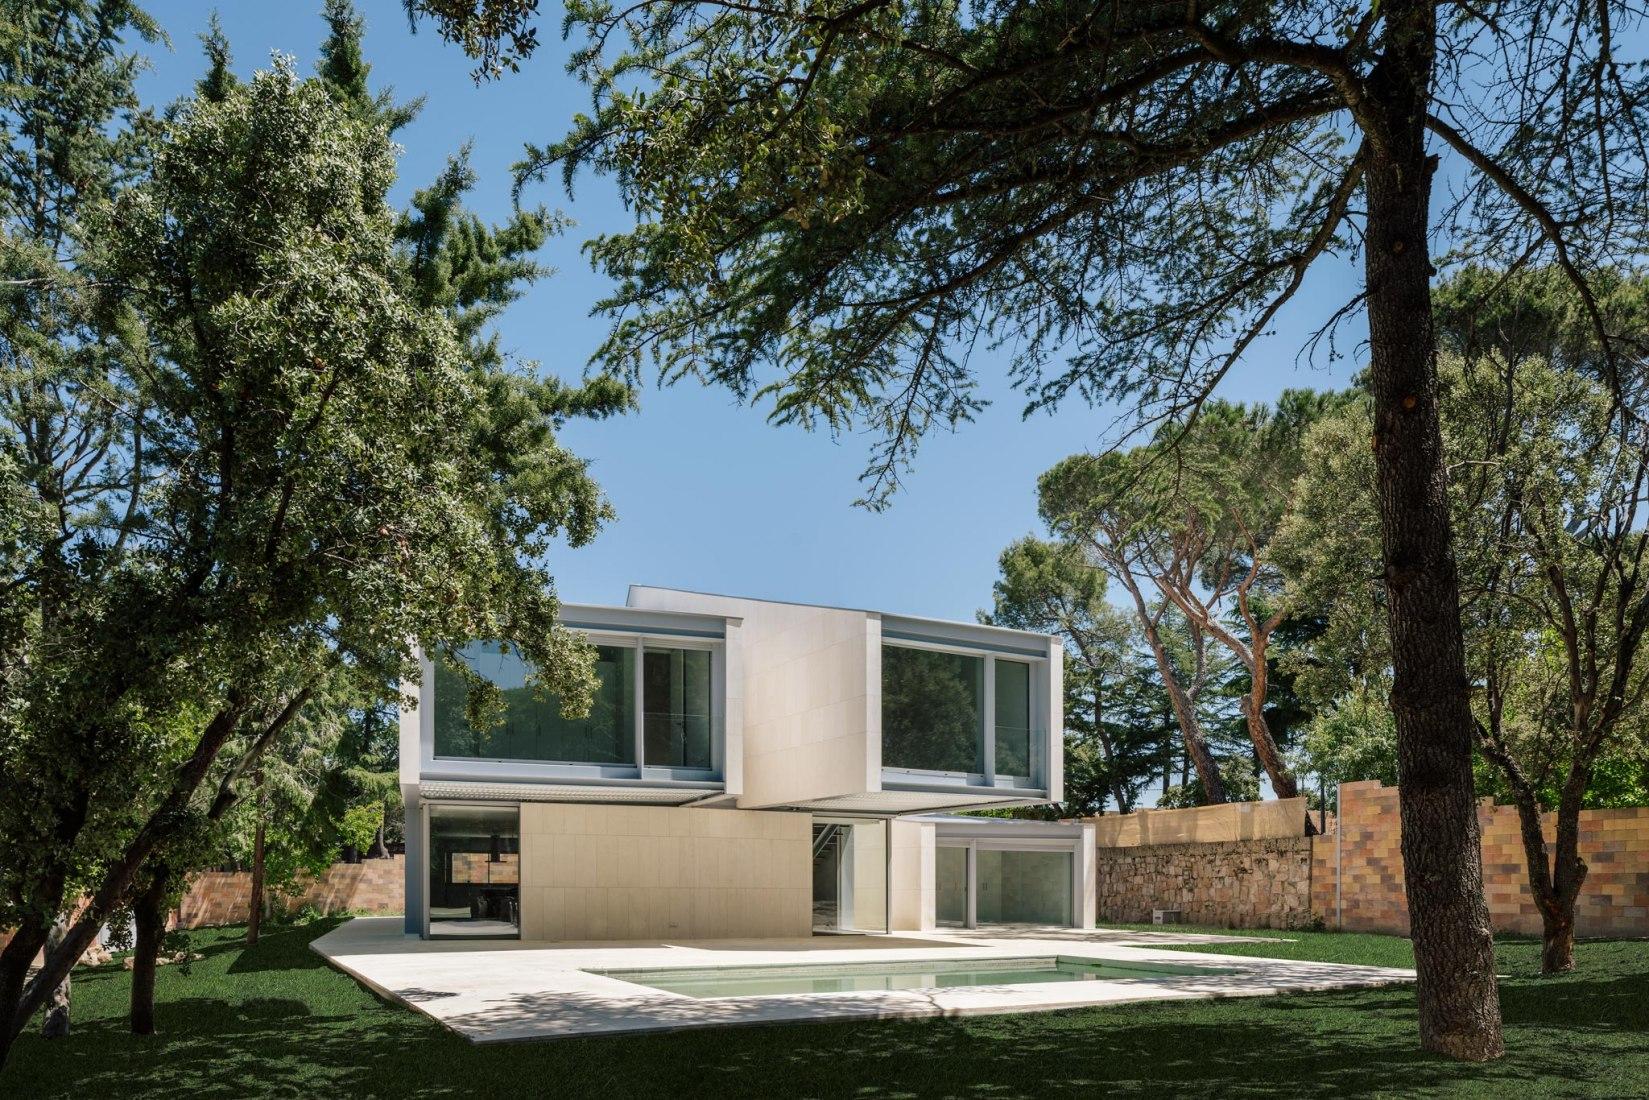 Casa M4 por Zooco Estudio. Fotografía por Imagen Subliminal.